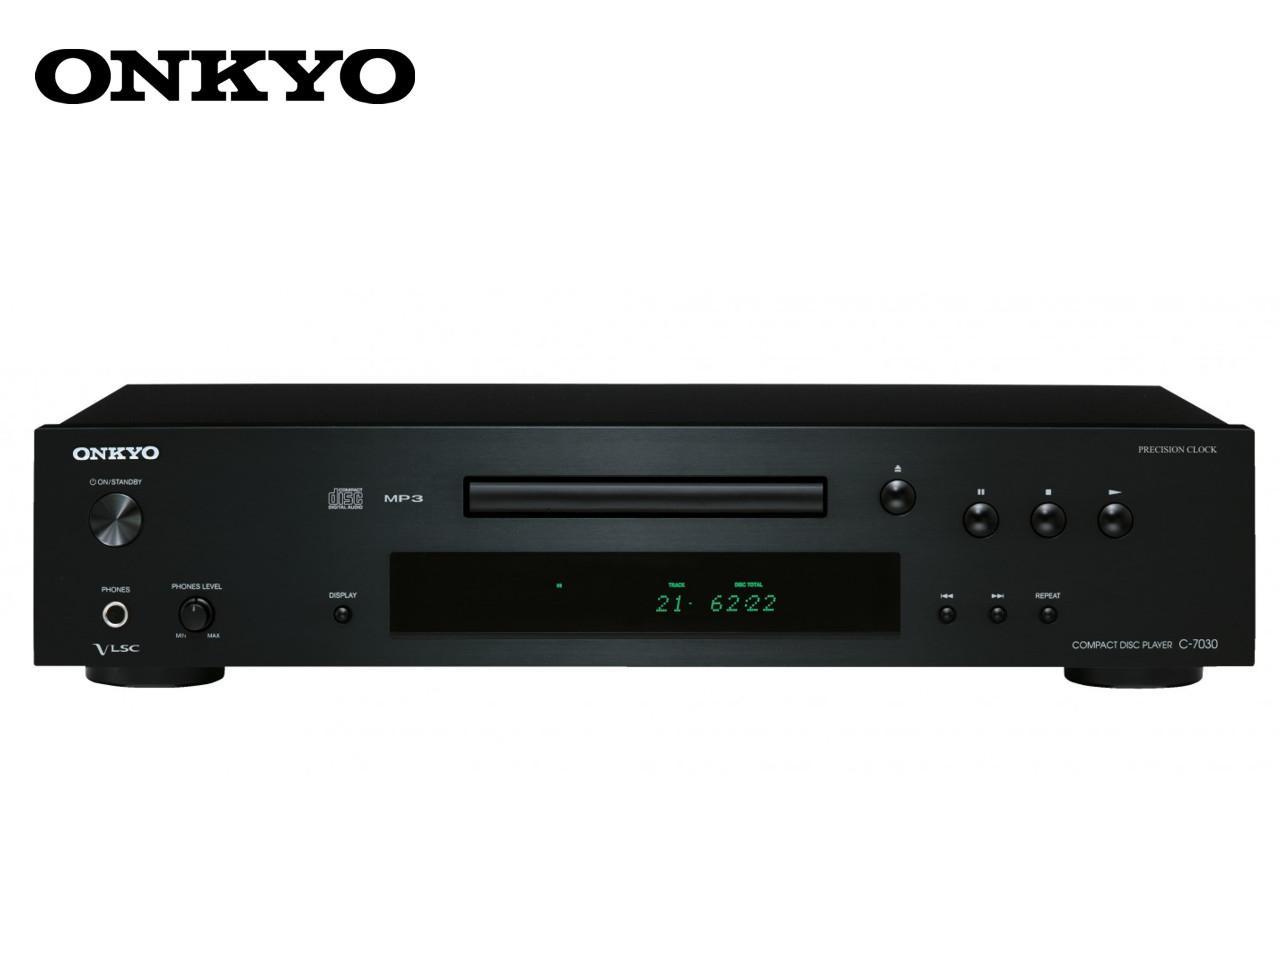 ONKYO C-7030 B + 200 Kč na dárky nebo další nákup | CHAT on-line podpora PO-PÁ 8-22.00!!